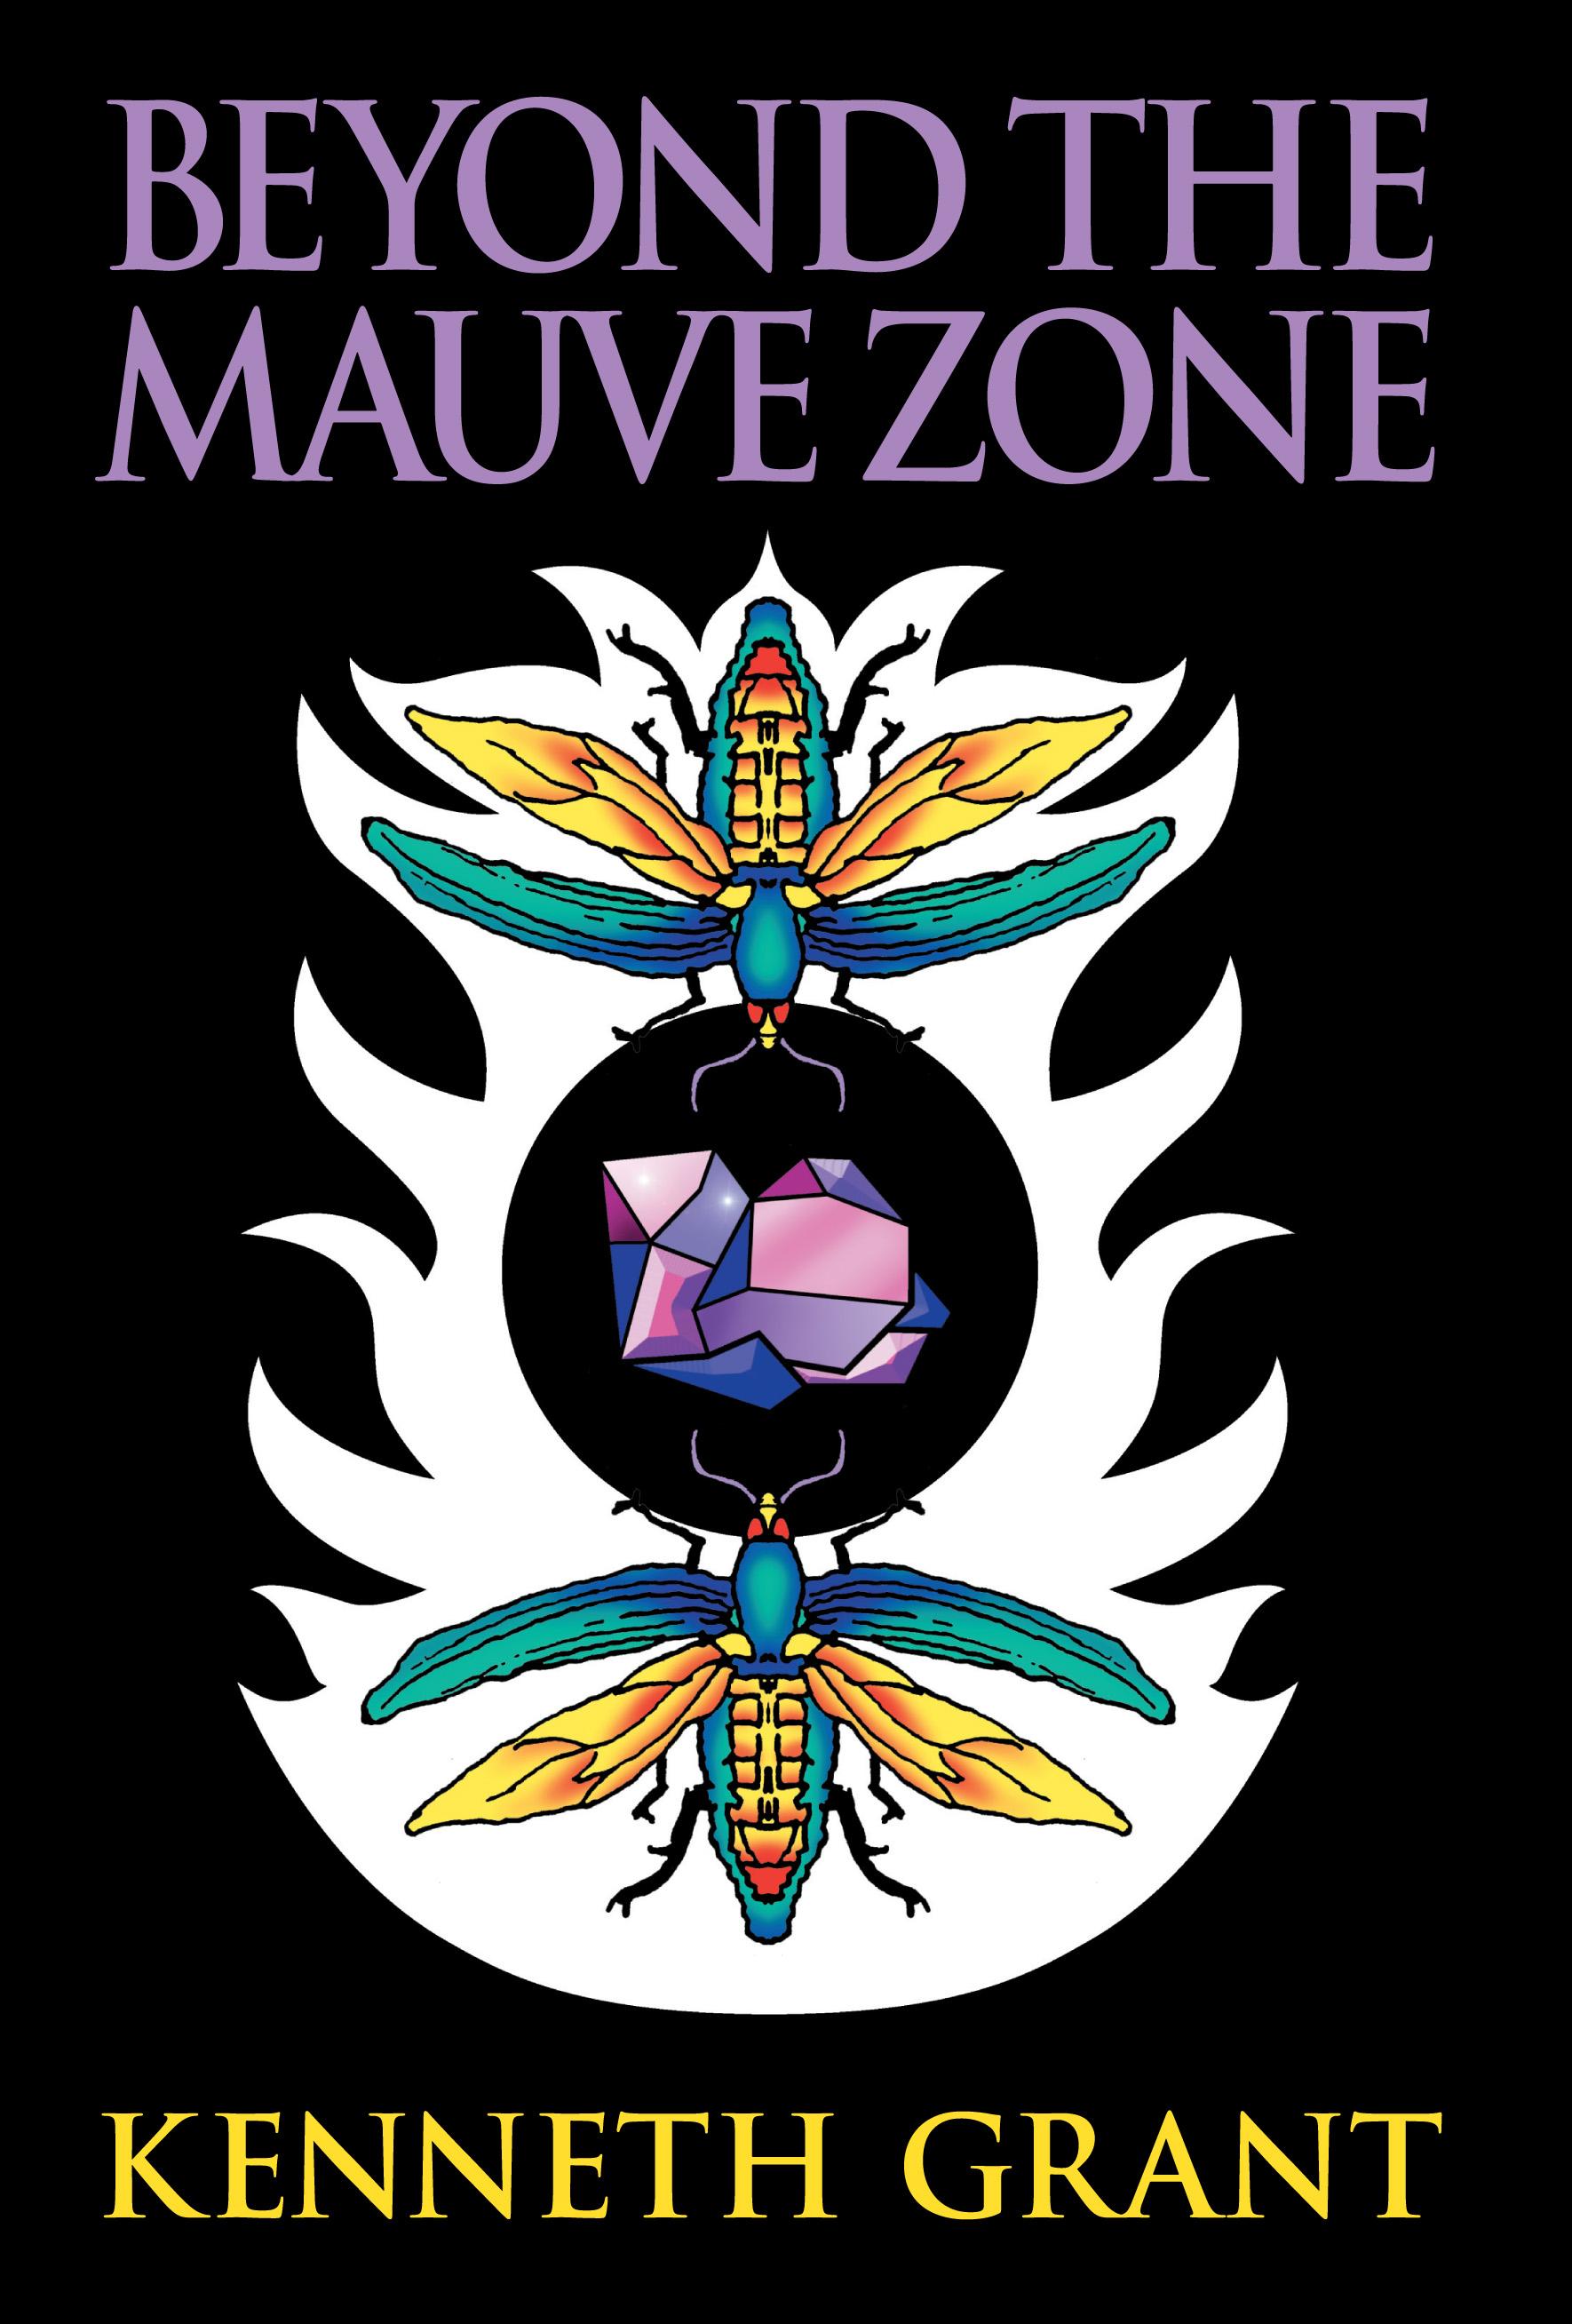 http://www.starfirepublishing.co.uk/images/Mauve_Zone.jpg